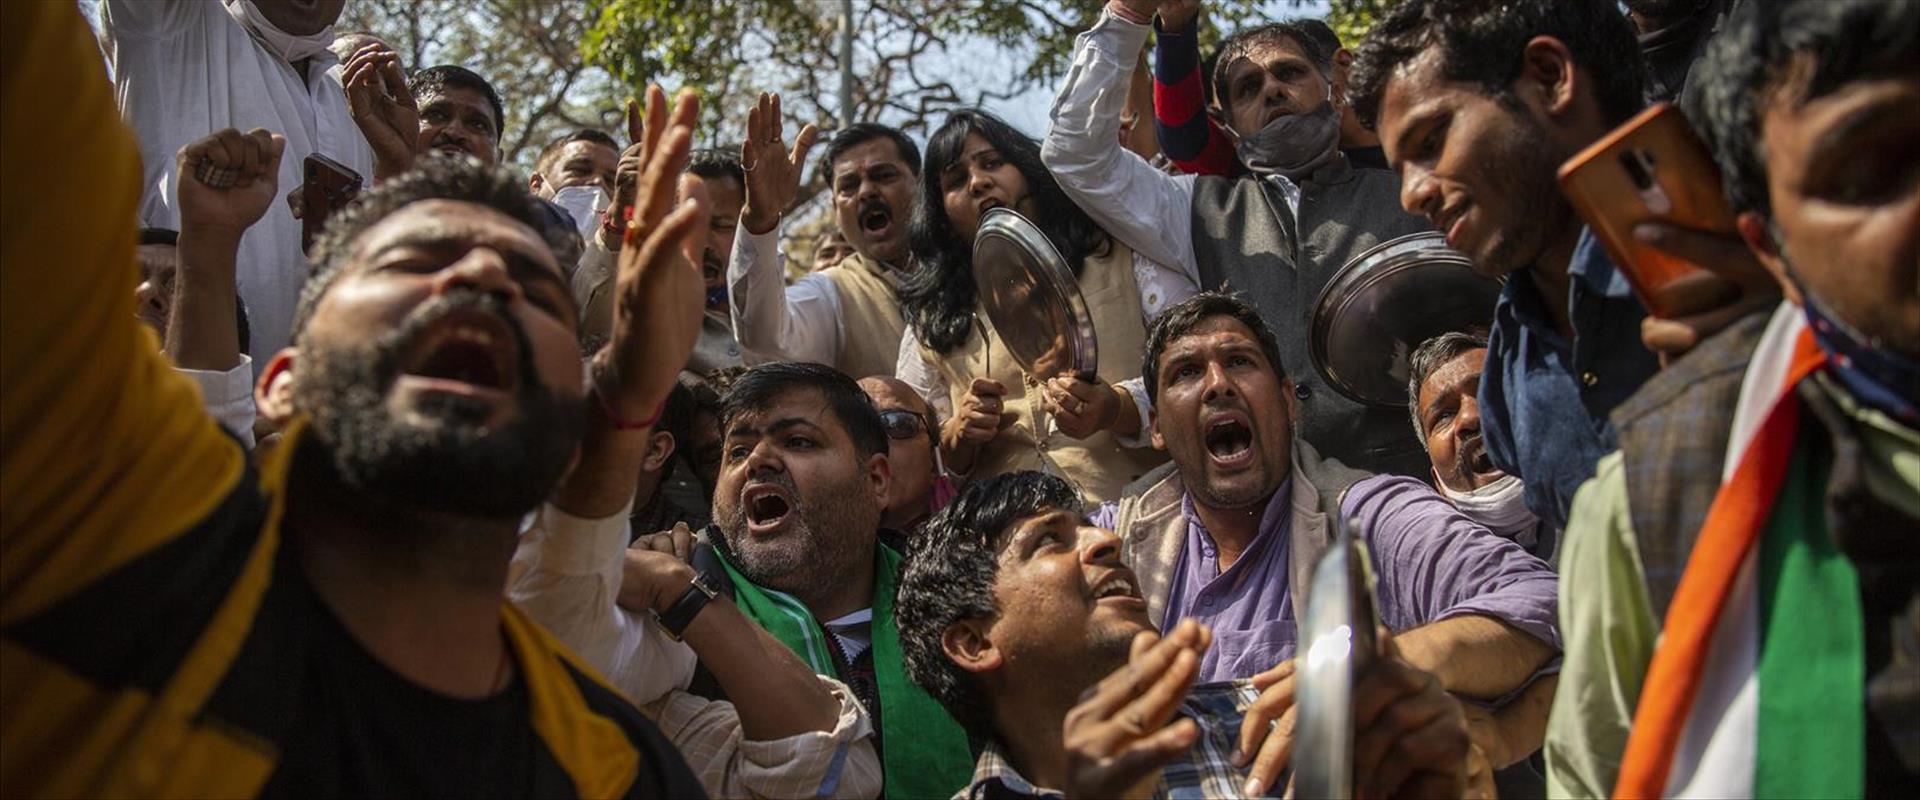 פעילי מחאת החקלאים בהודו